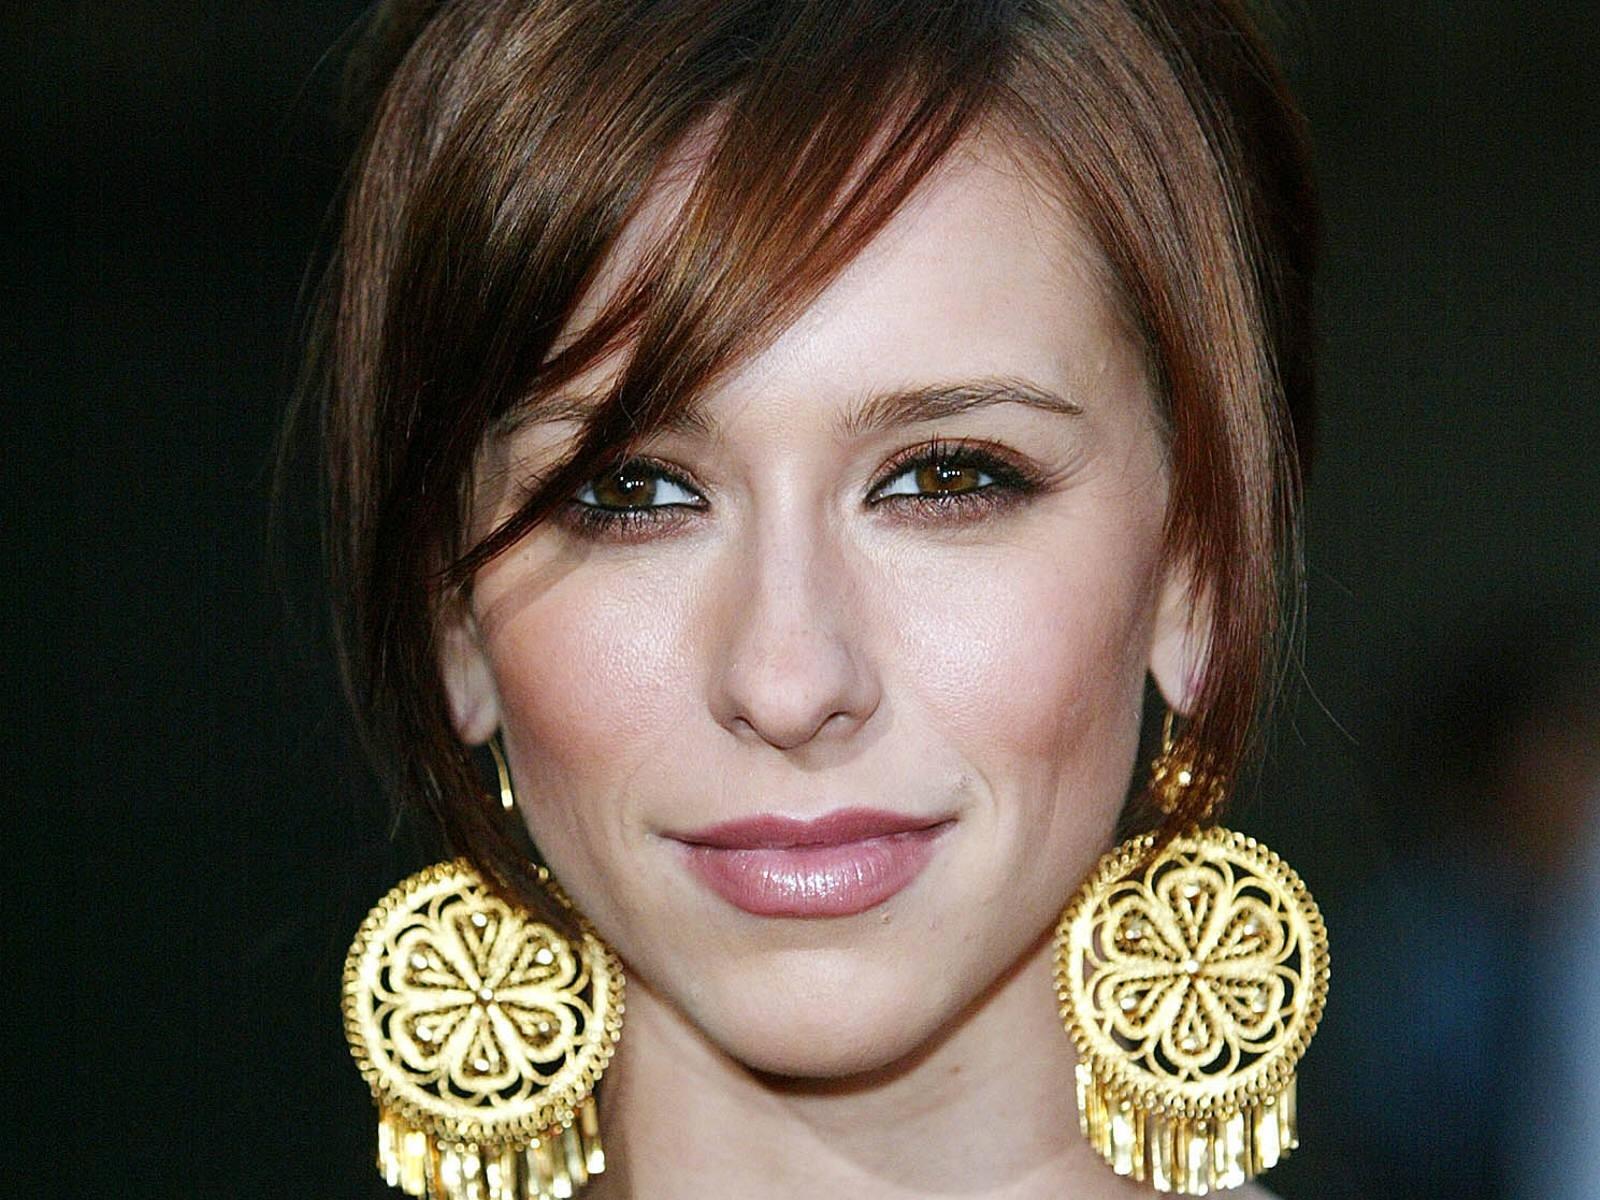 Wallpaper di Jennifer Love Hewitt con due vistosi orecchini